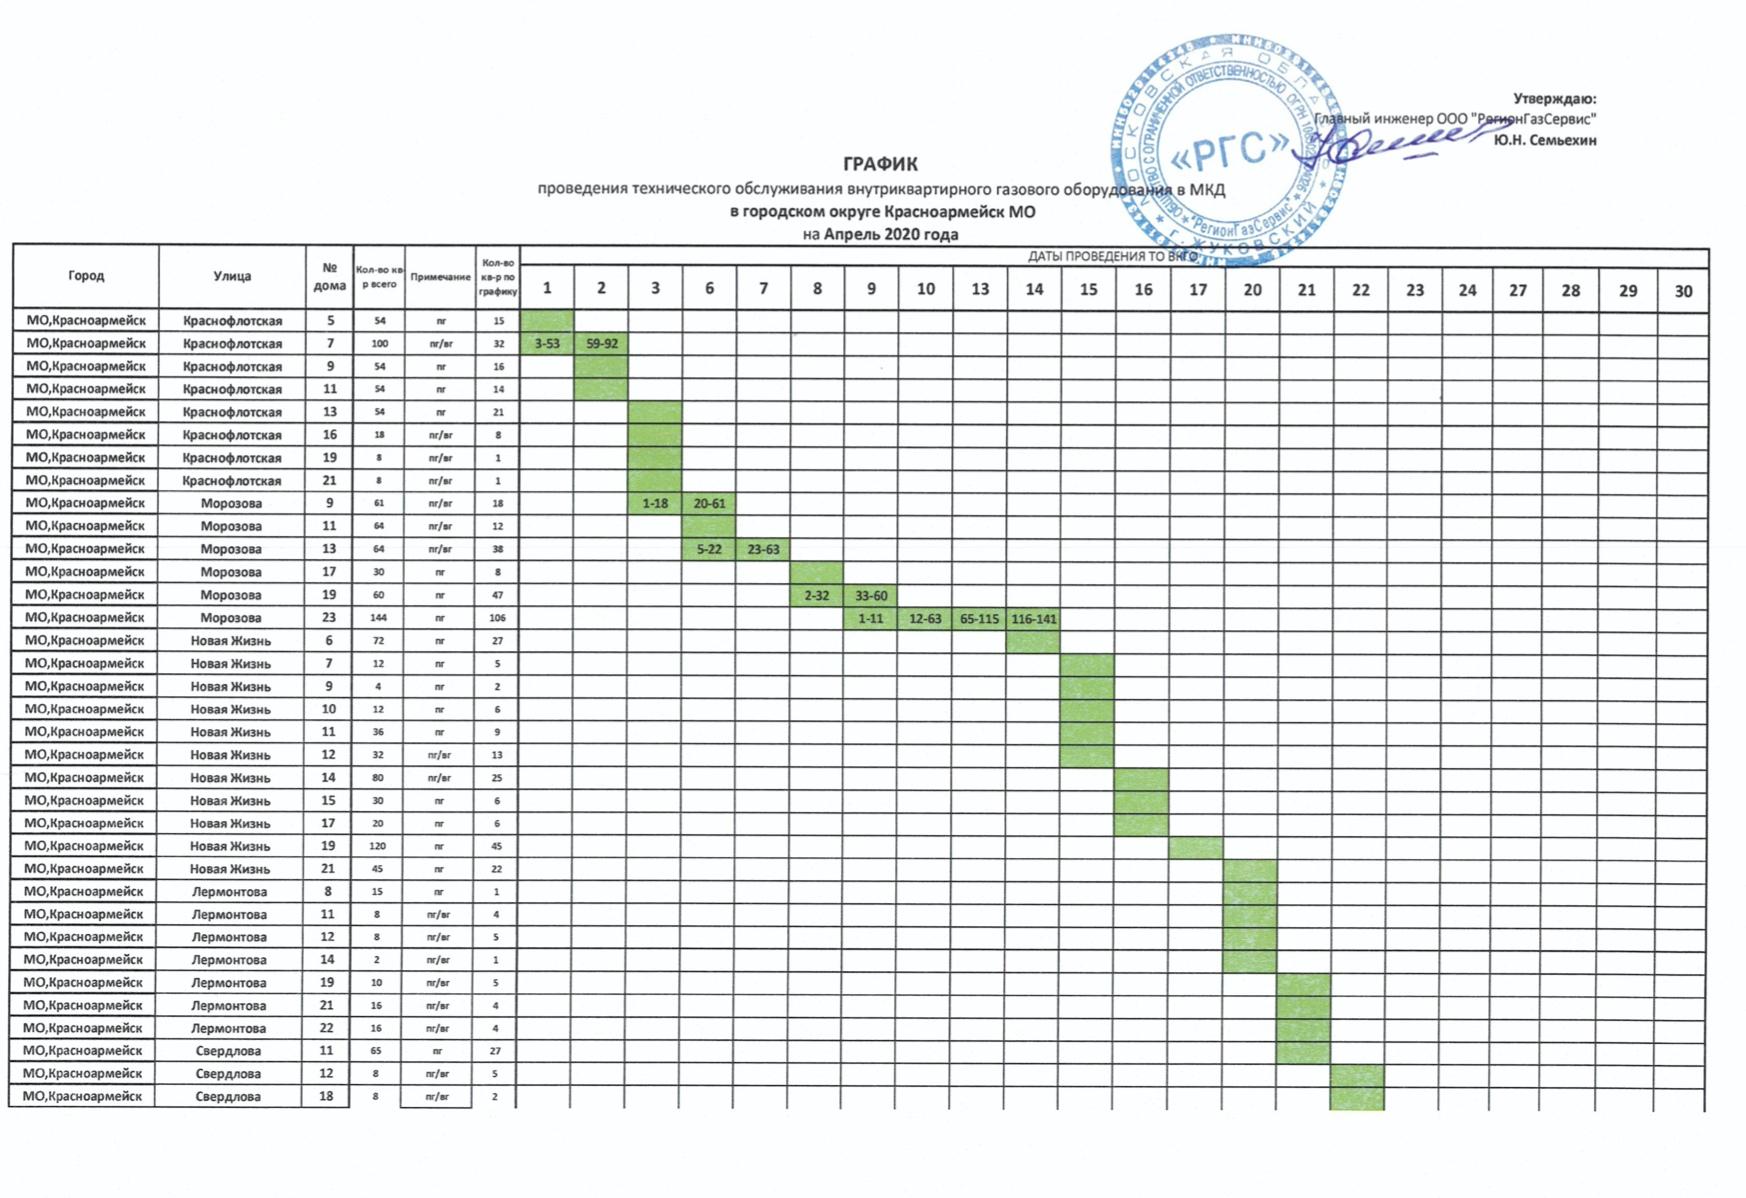 Графики проведения технического обслуживания газового оборудования на апрель 2020 года